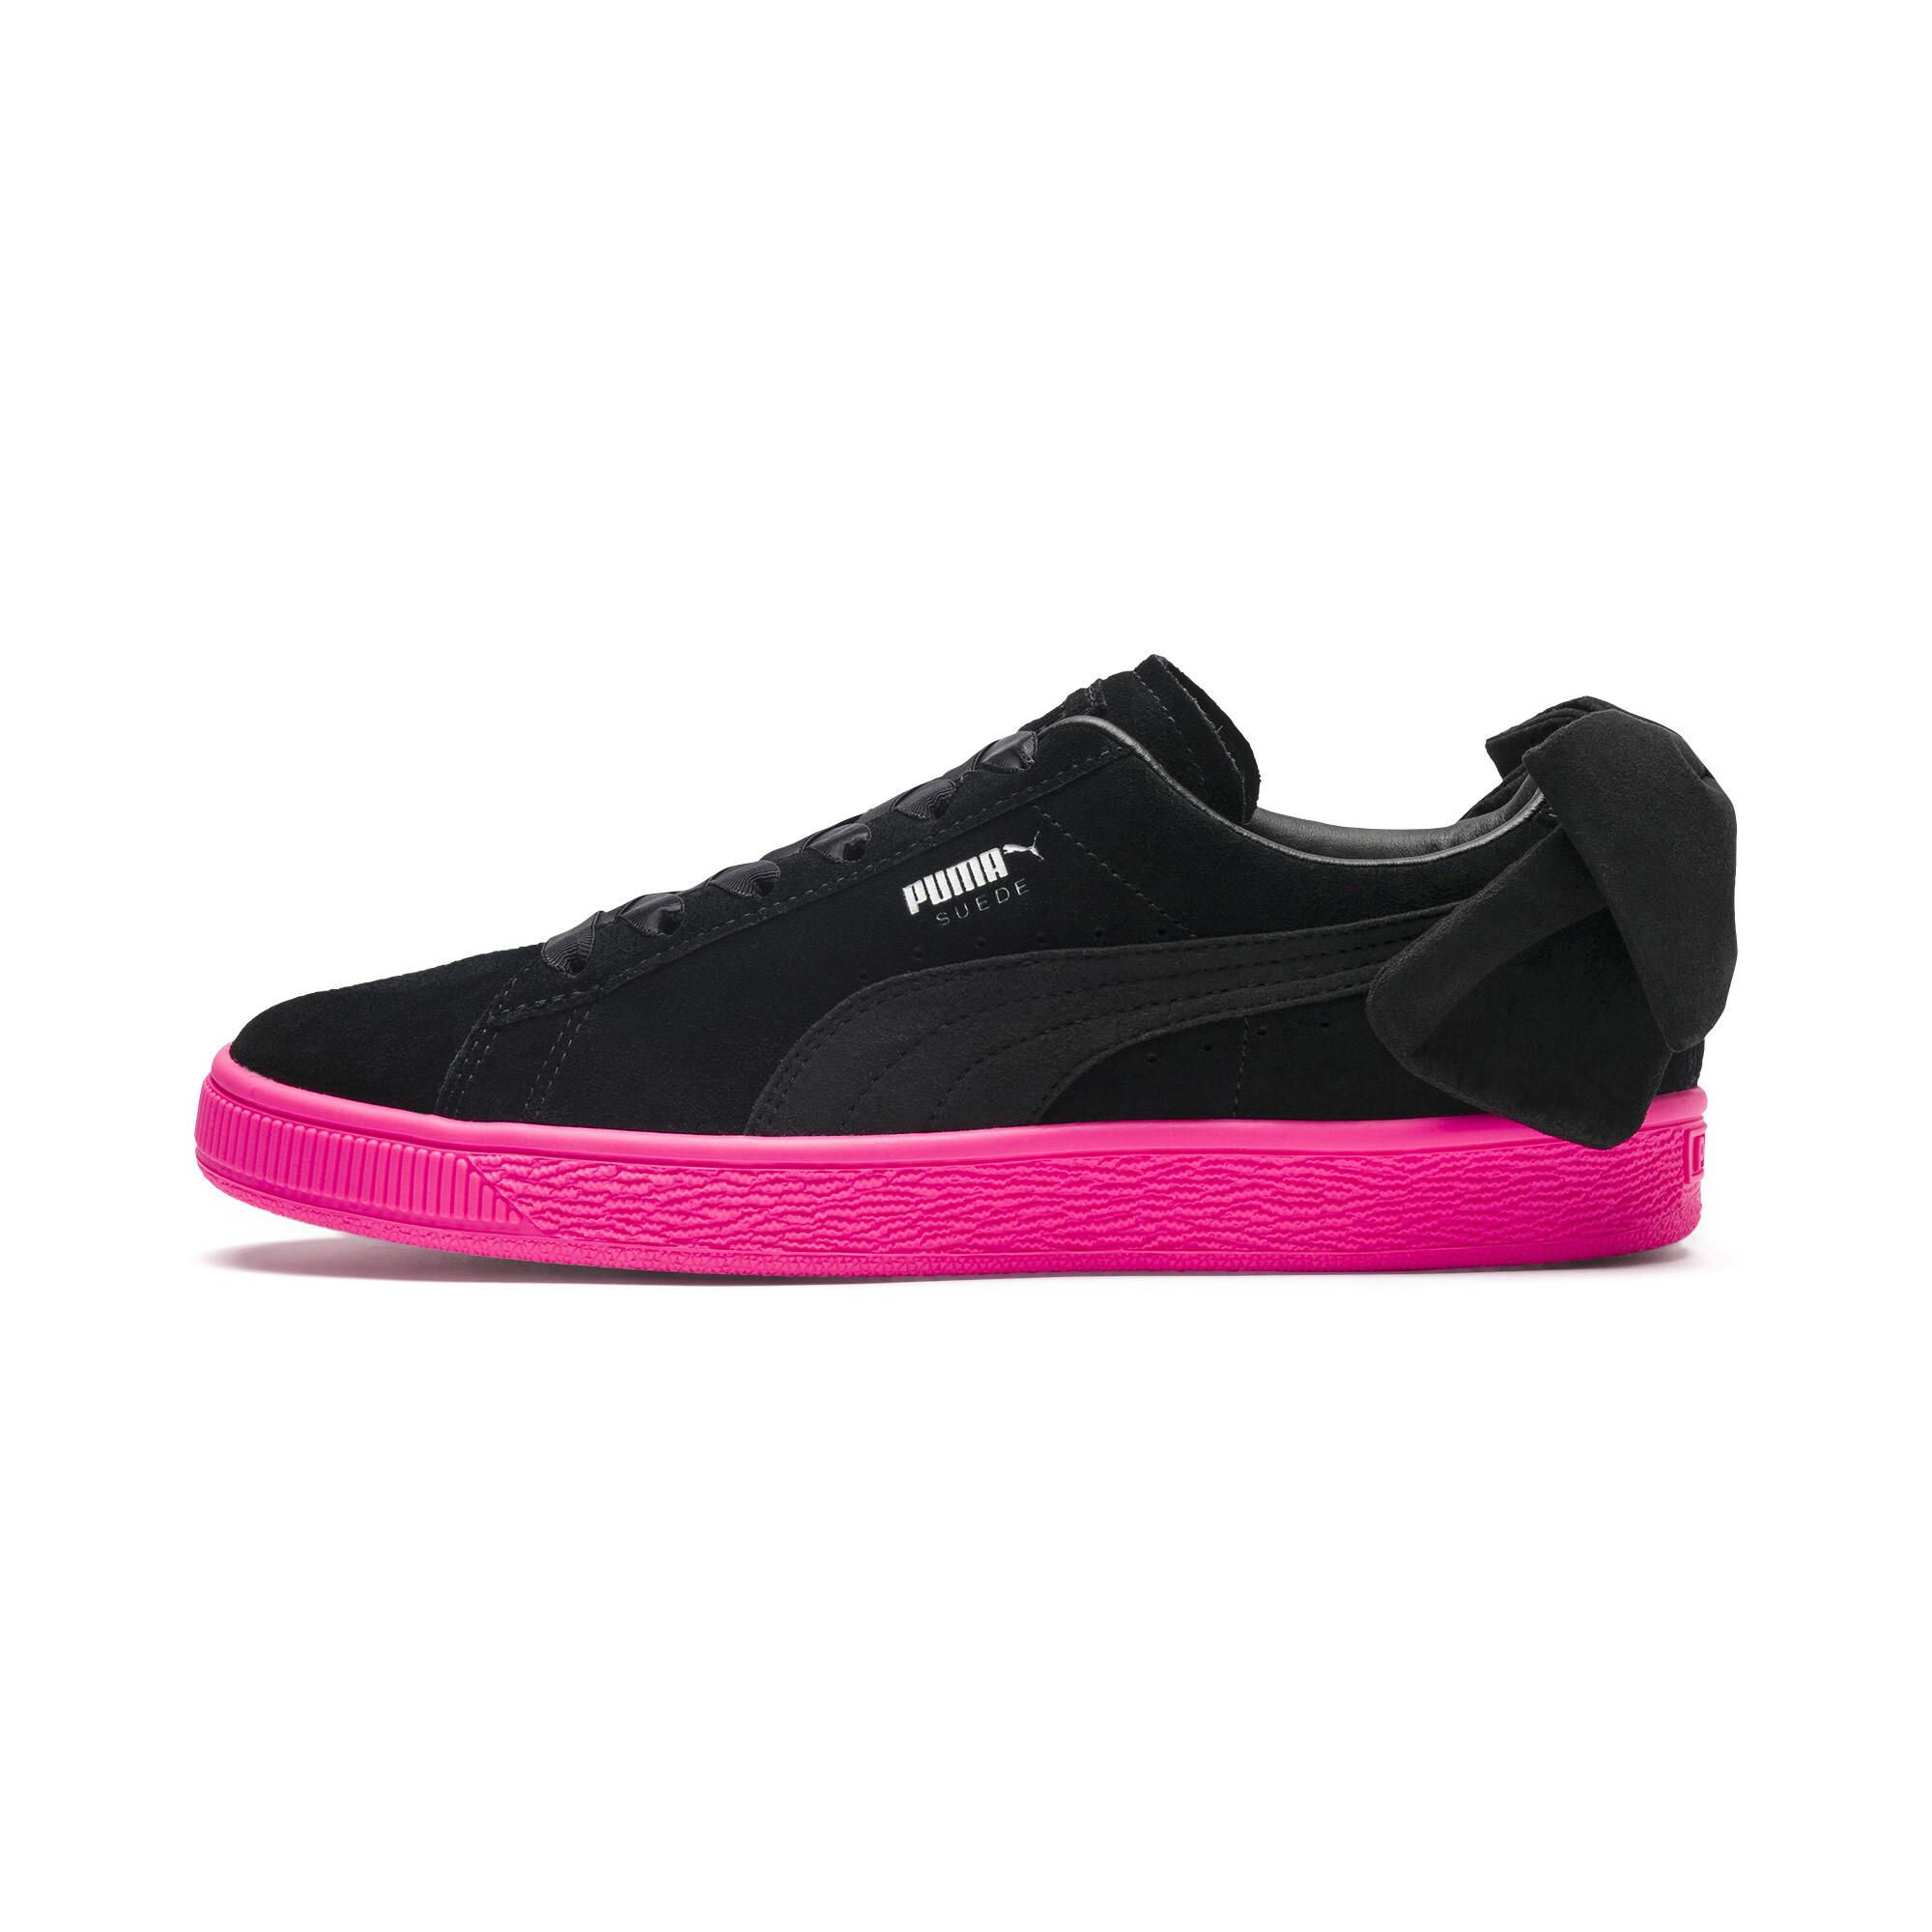 PUMA-Suede-Bow-Block-Damen-Sneaker-Frauen-Schuhe-Sport-Classics-Neu Indexbild 4